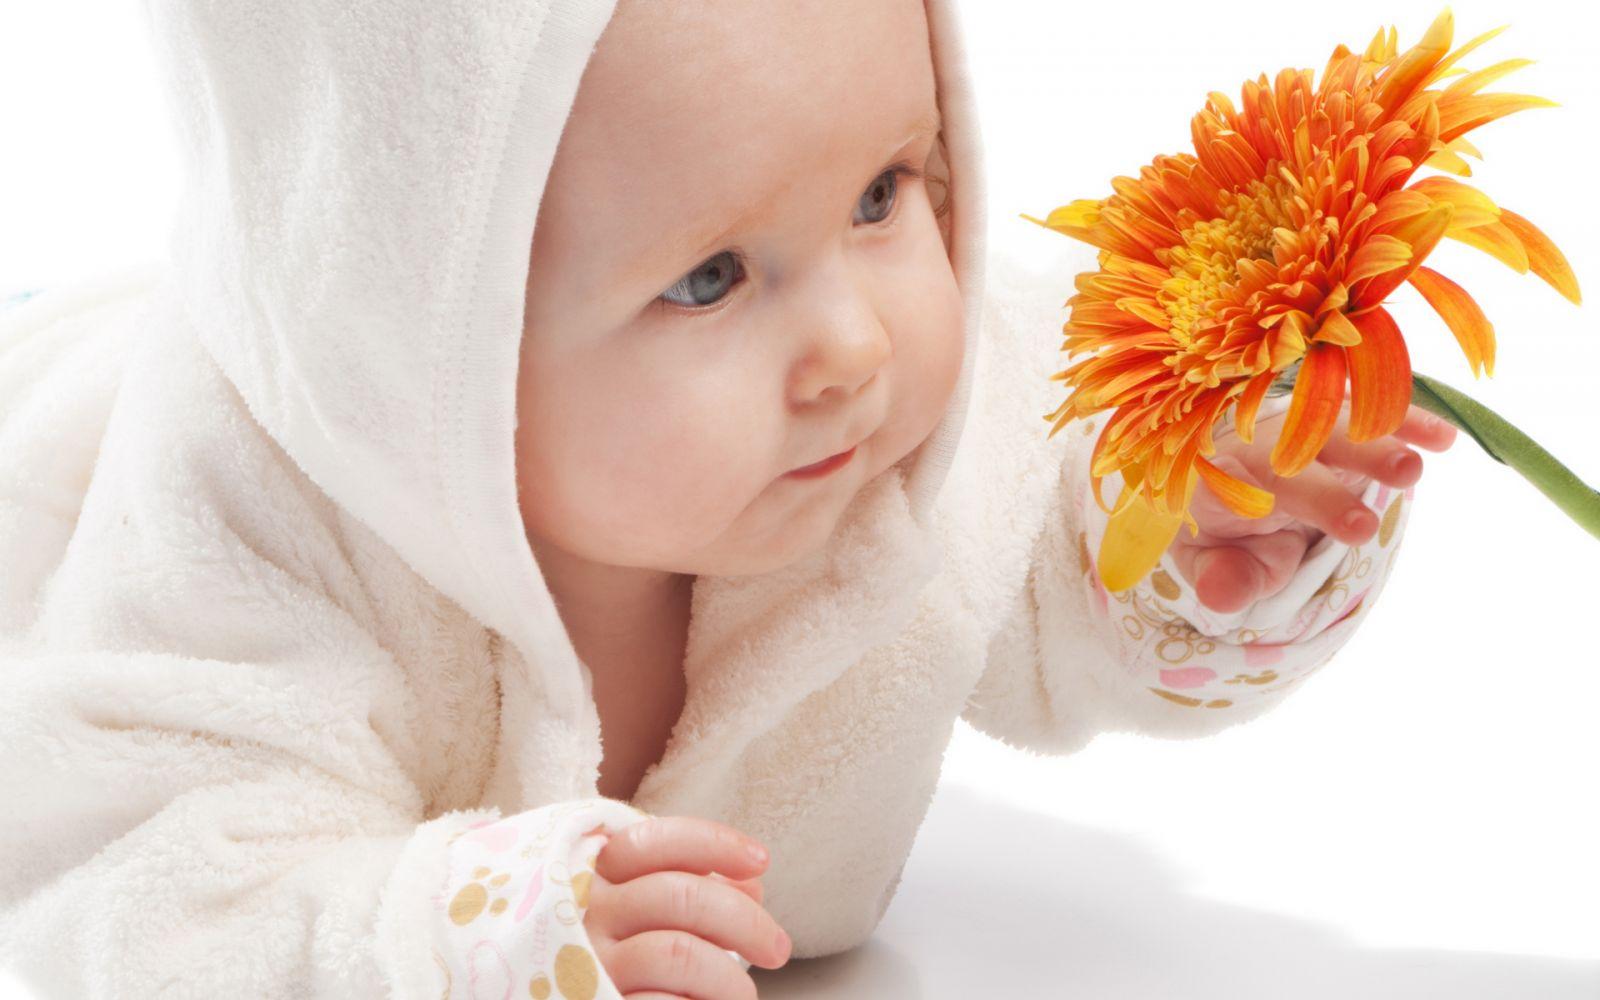 Картинка по теме: Дети самое дорогое в жизни каждого человека